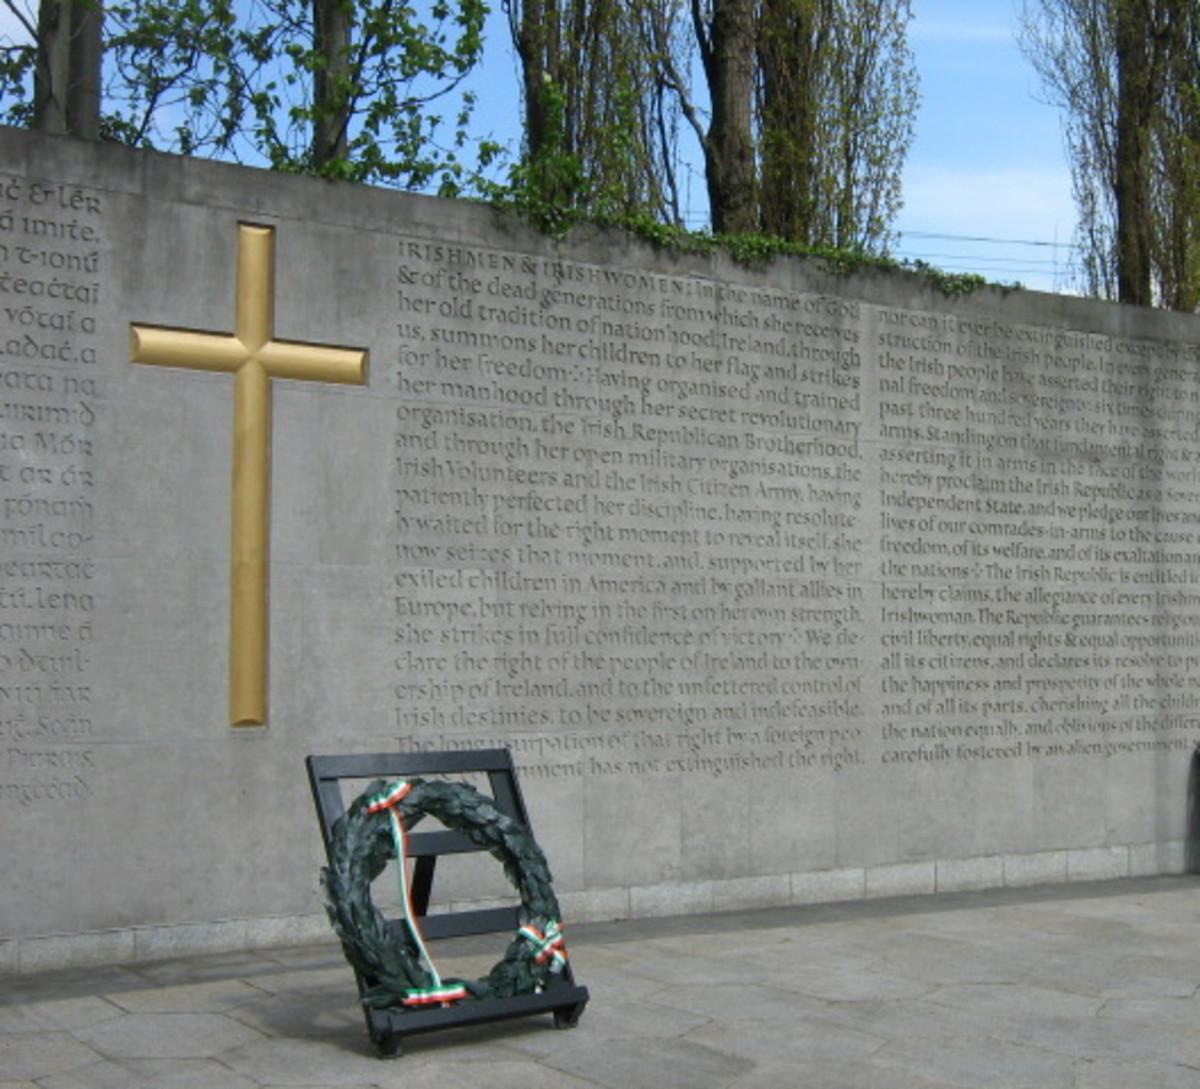 Arbour Hill Memorial Park Dublin Ieland